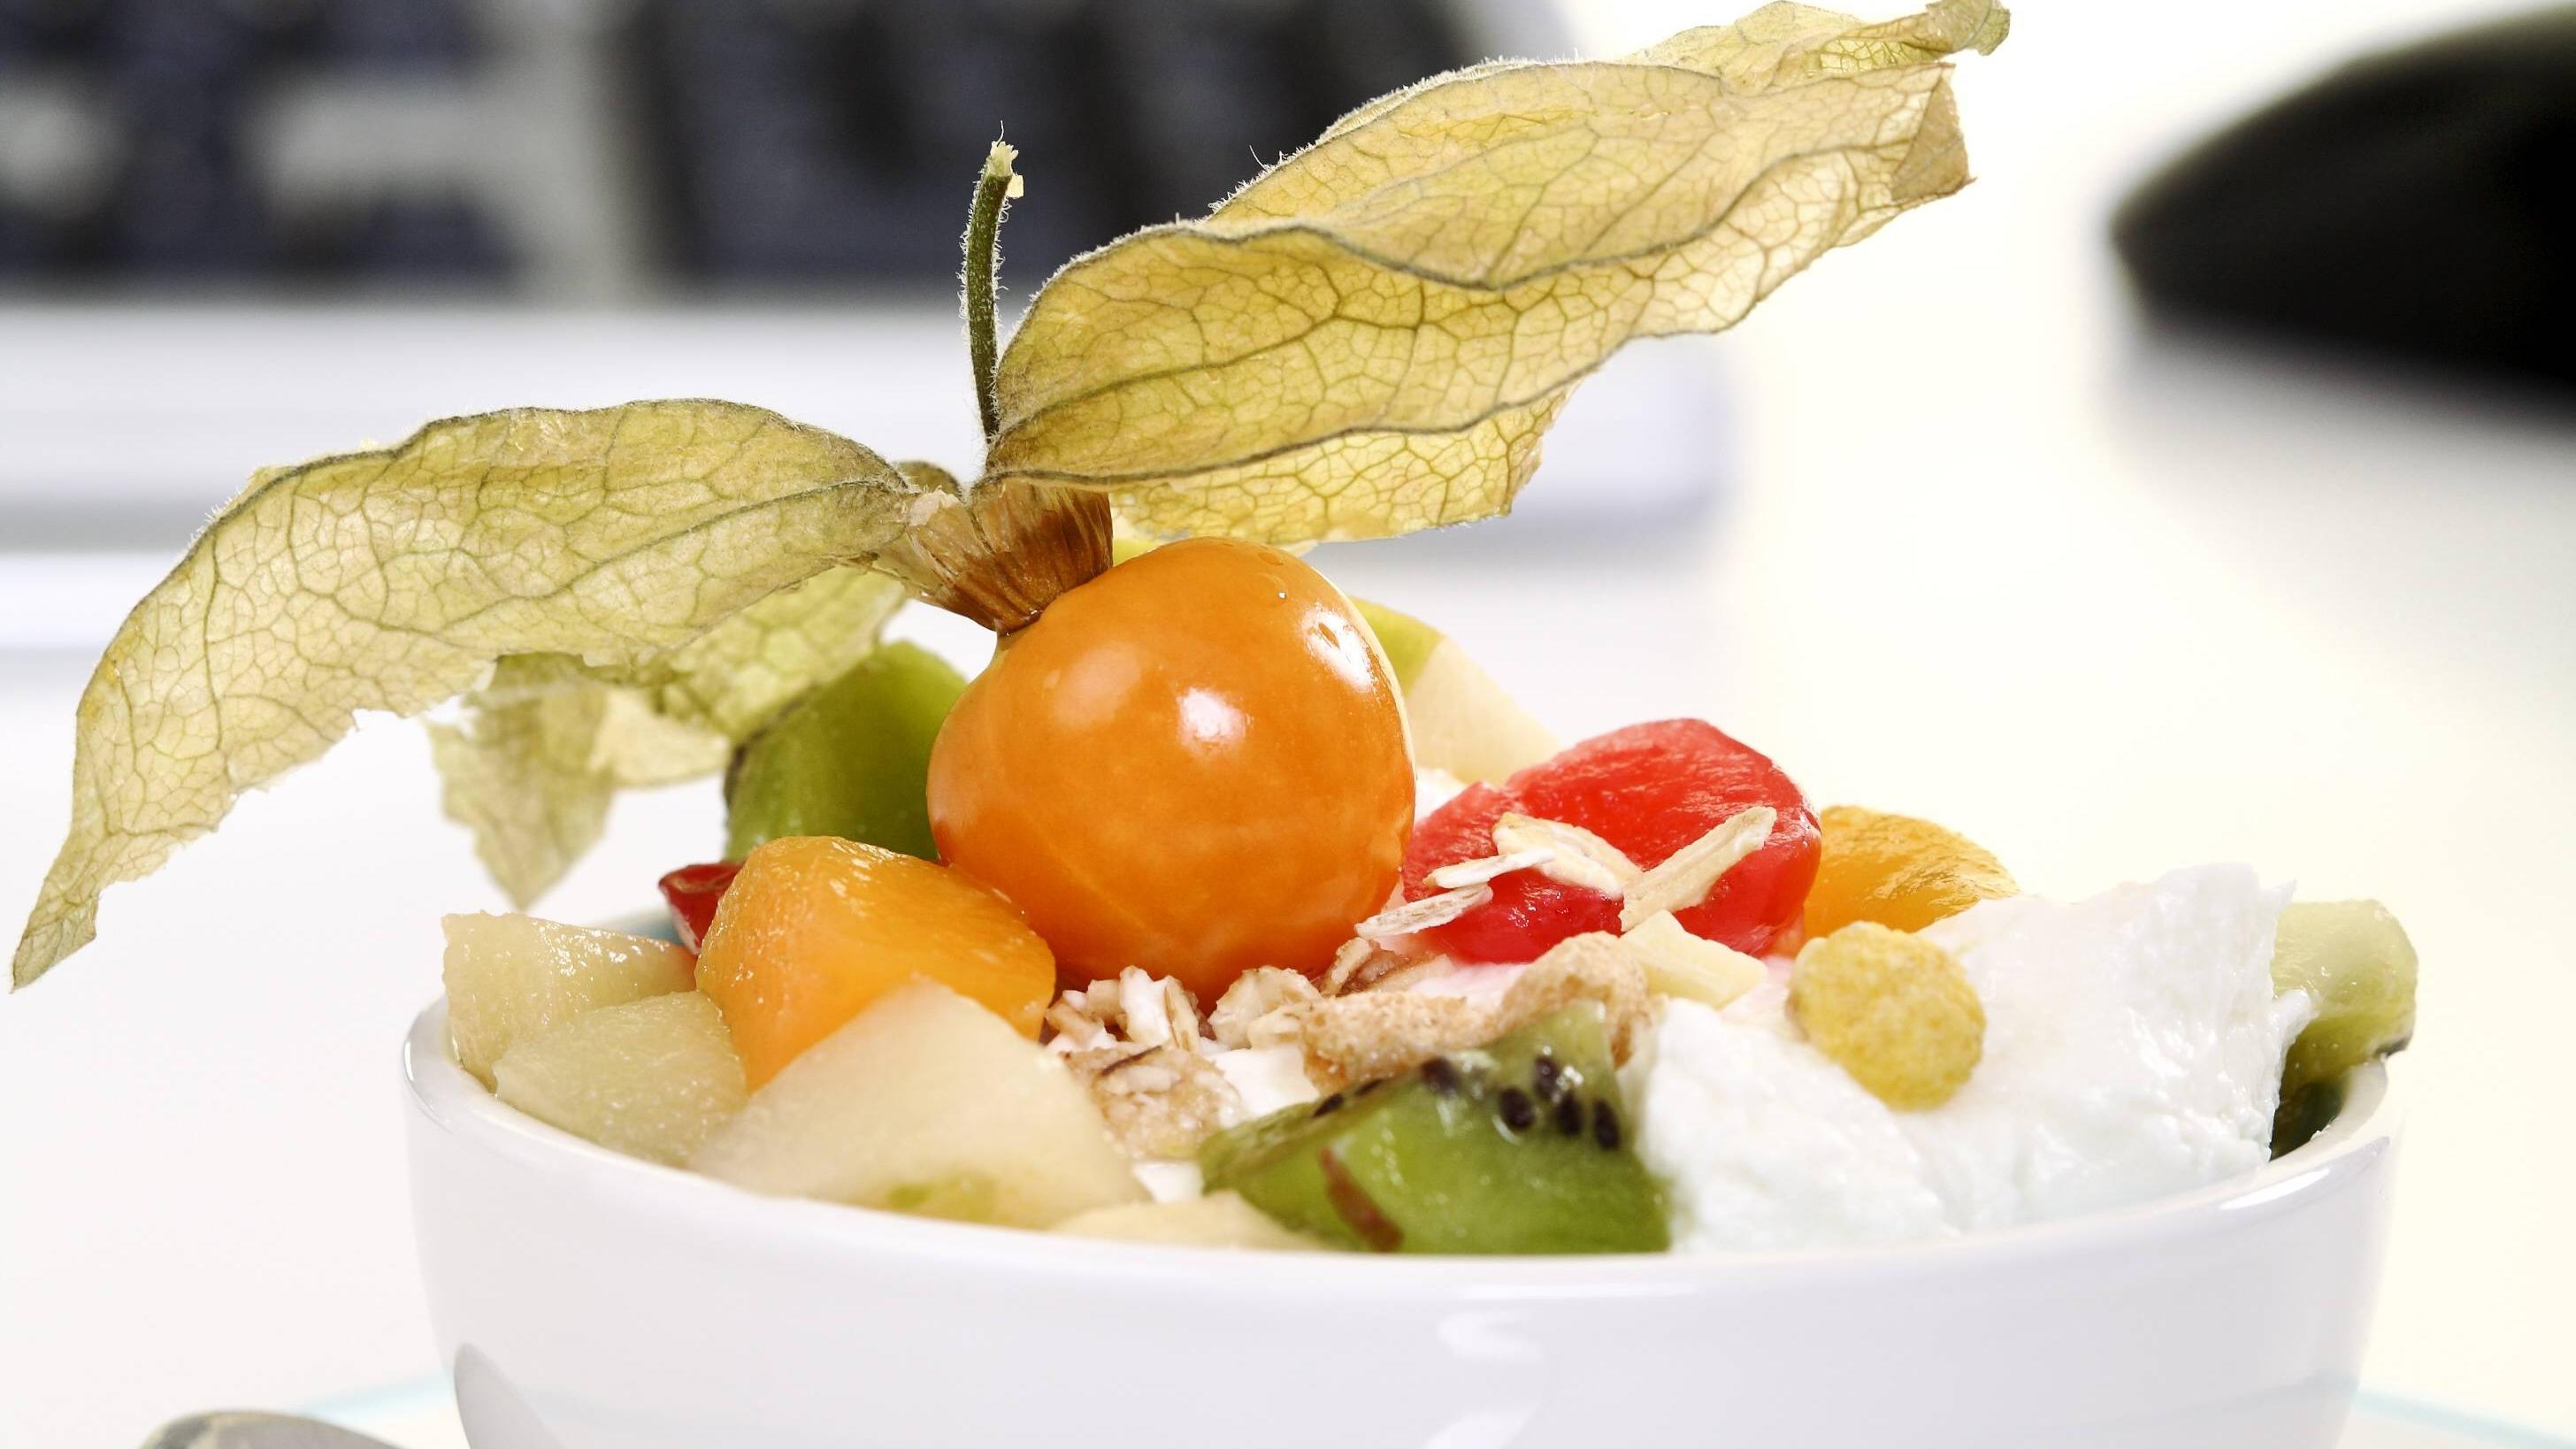 Kauen Sie die Mahlzeiten gut und lange durch  und nehmen Sie sich bewusst Zeit zum Essen, auch auf dr Arbeit.